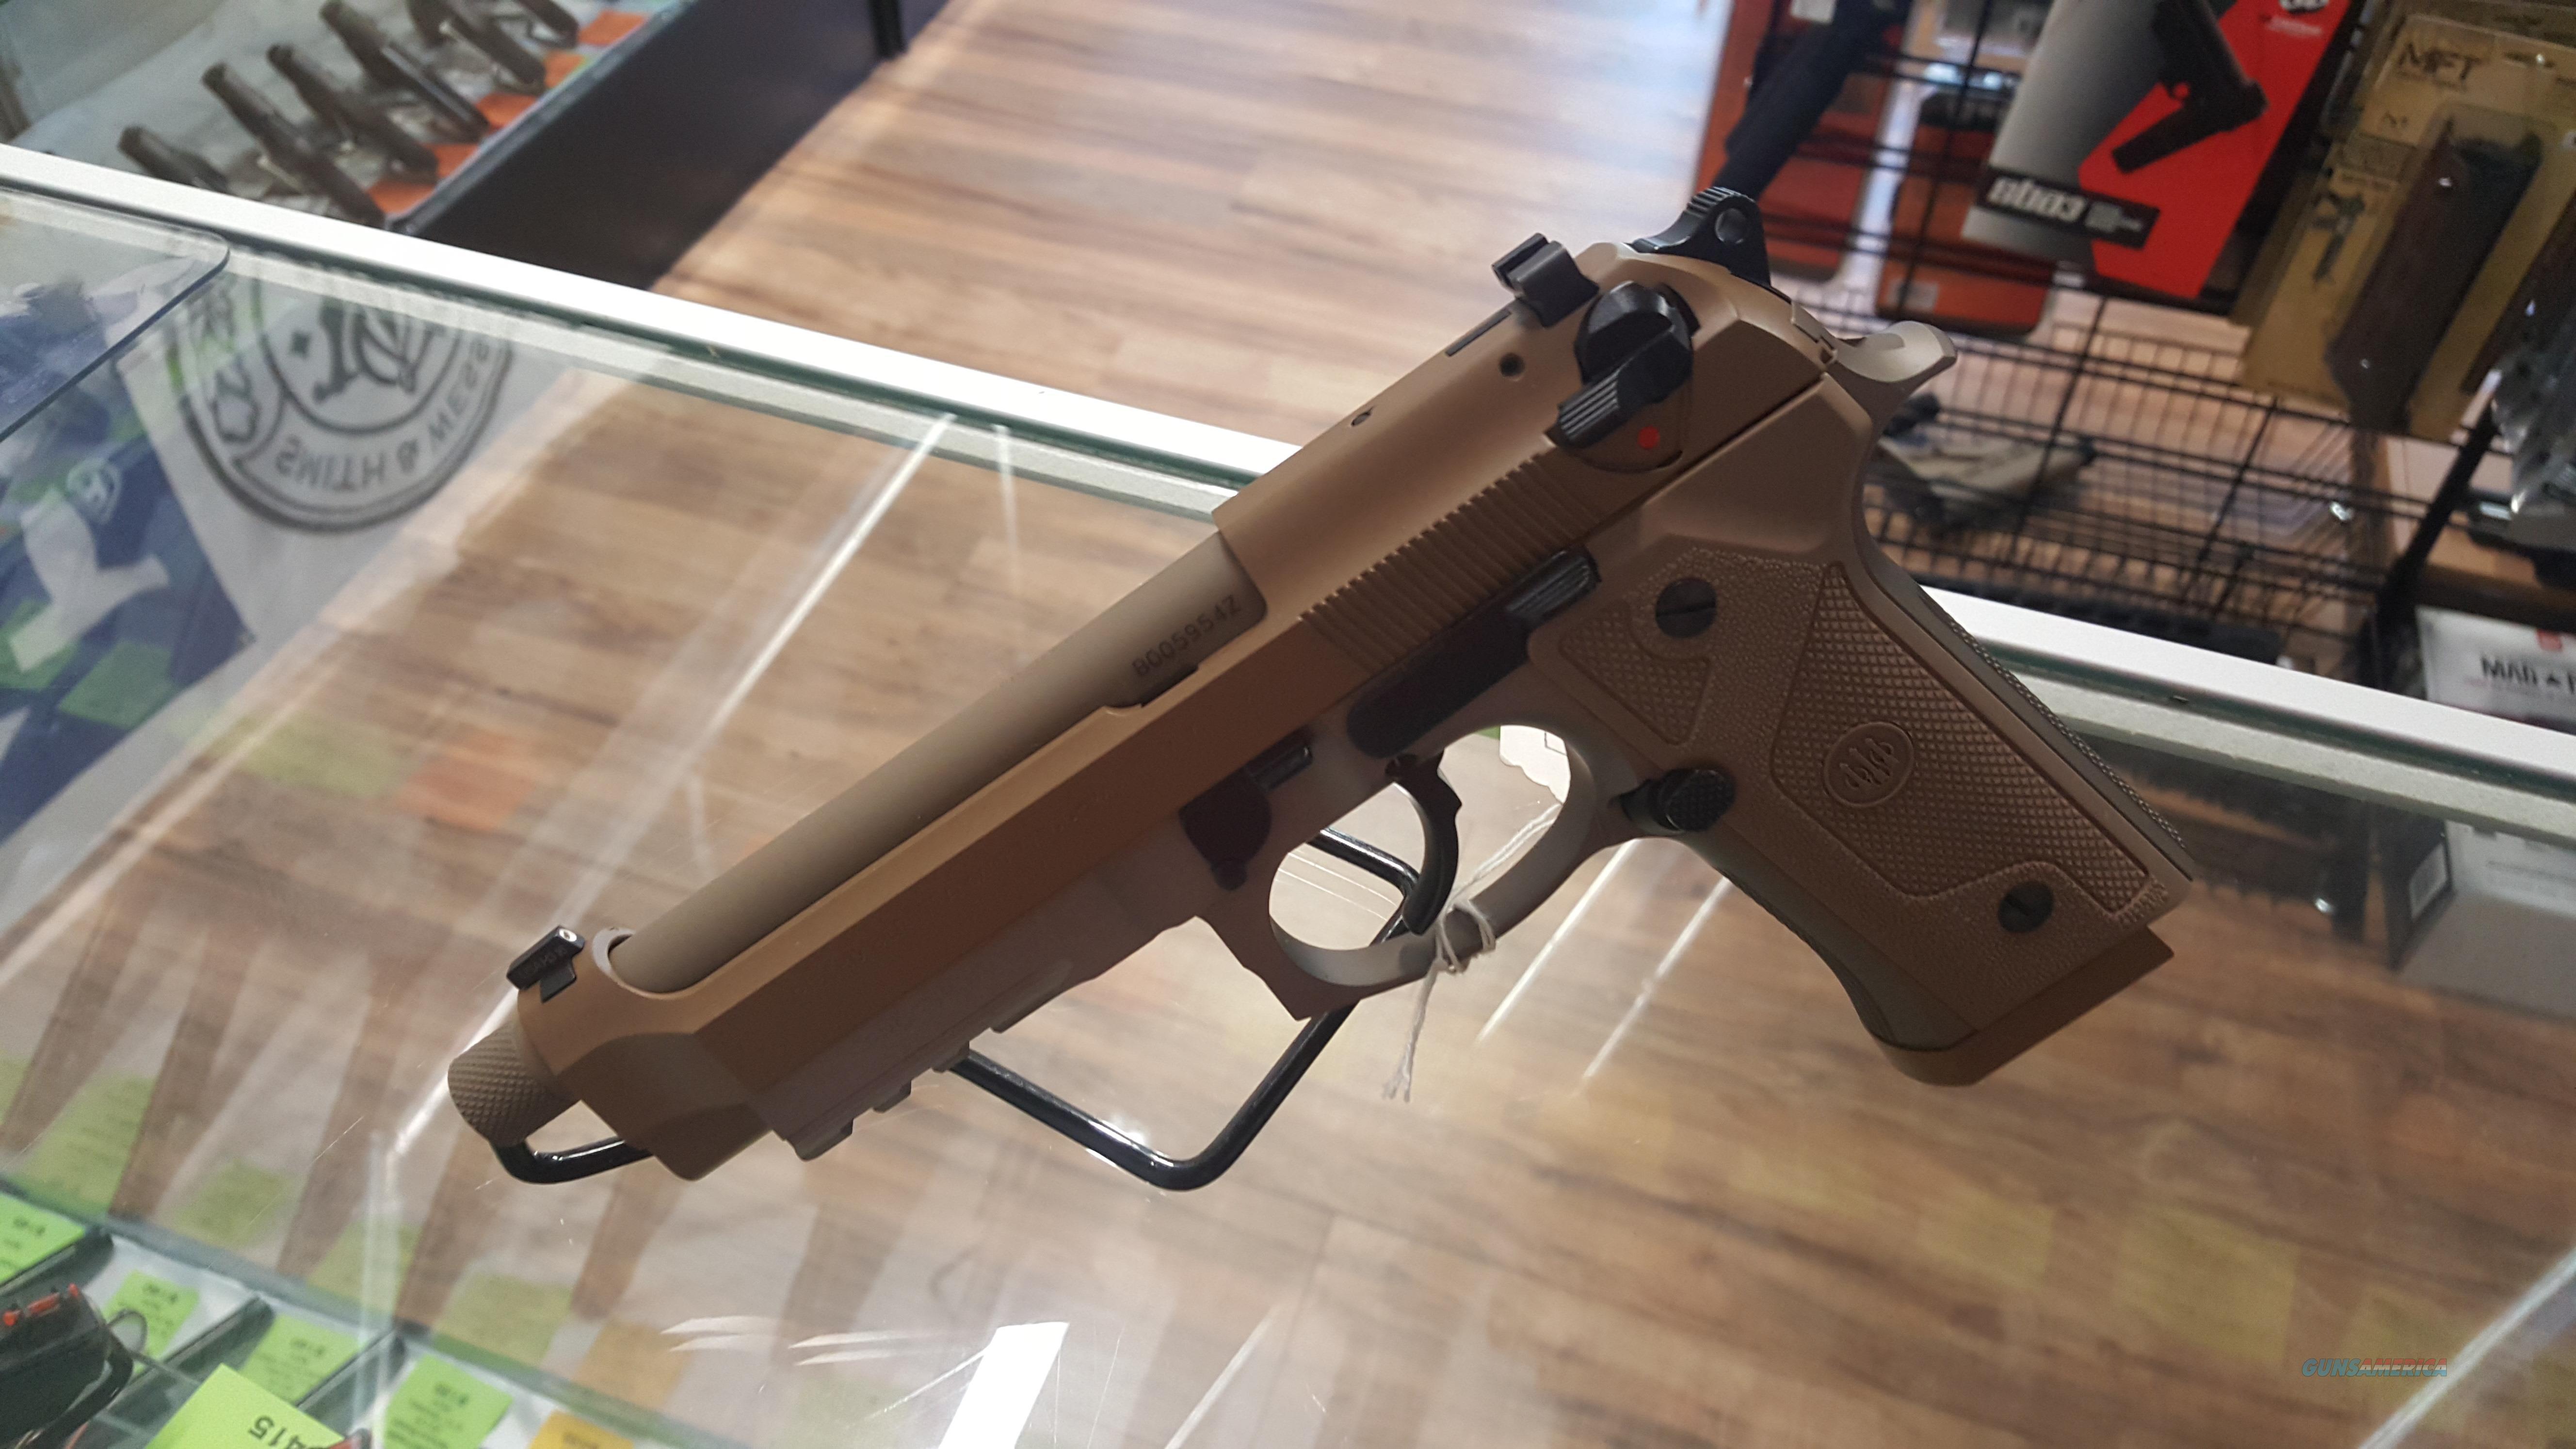 NEW Berrata M9A3 FDE  W/Threaded Barrel and 2 Mags!   Guns > Pistols > Beretta Pistols > Model 92 Series